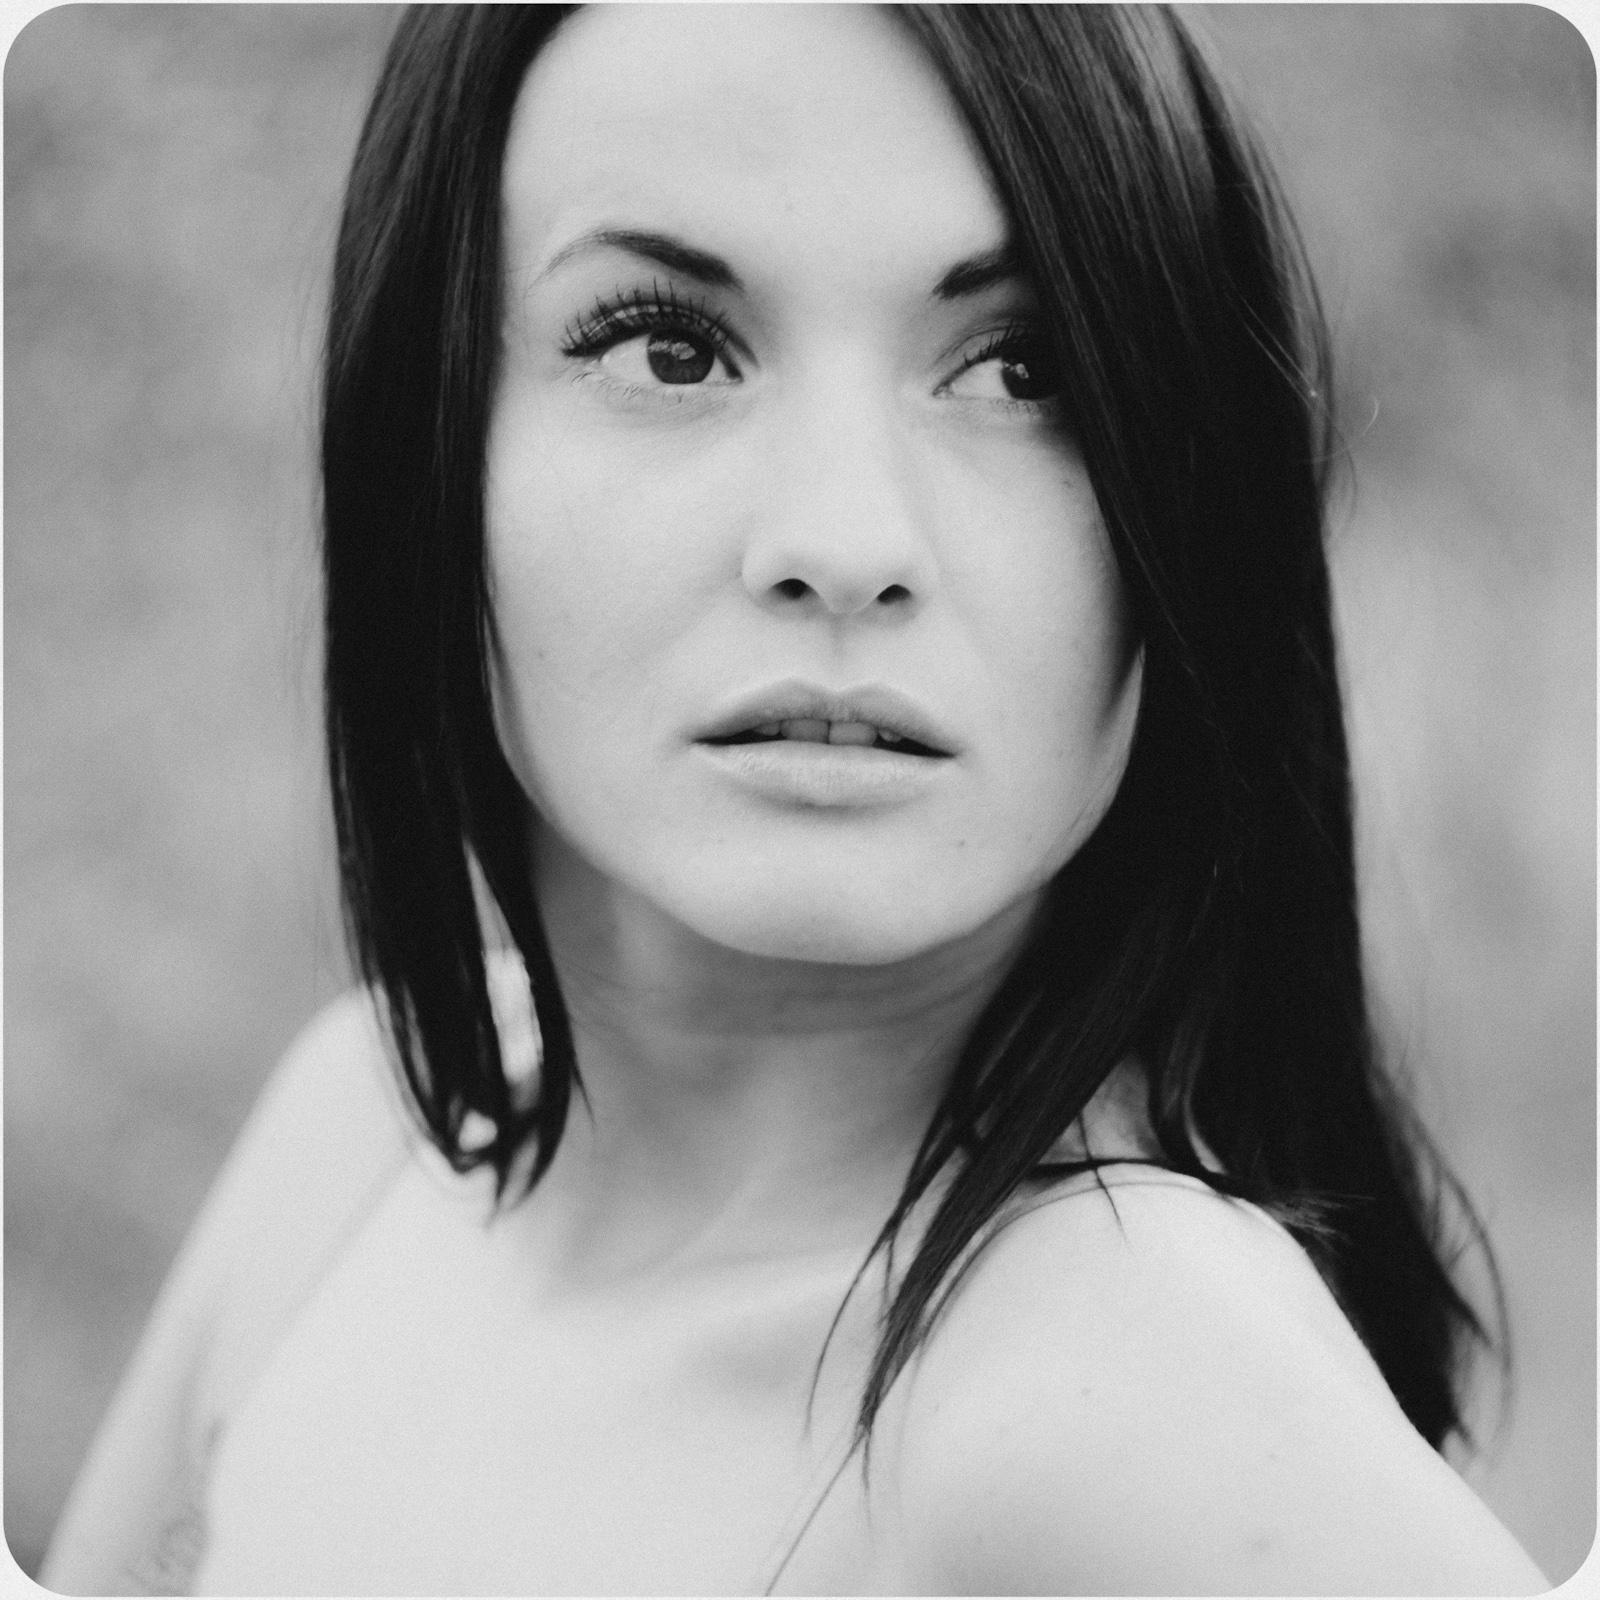 Portret czarno-biały z brzozami. fot. Łukasz Cyrus